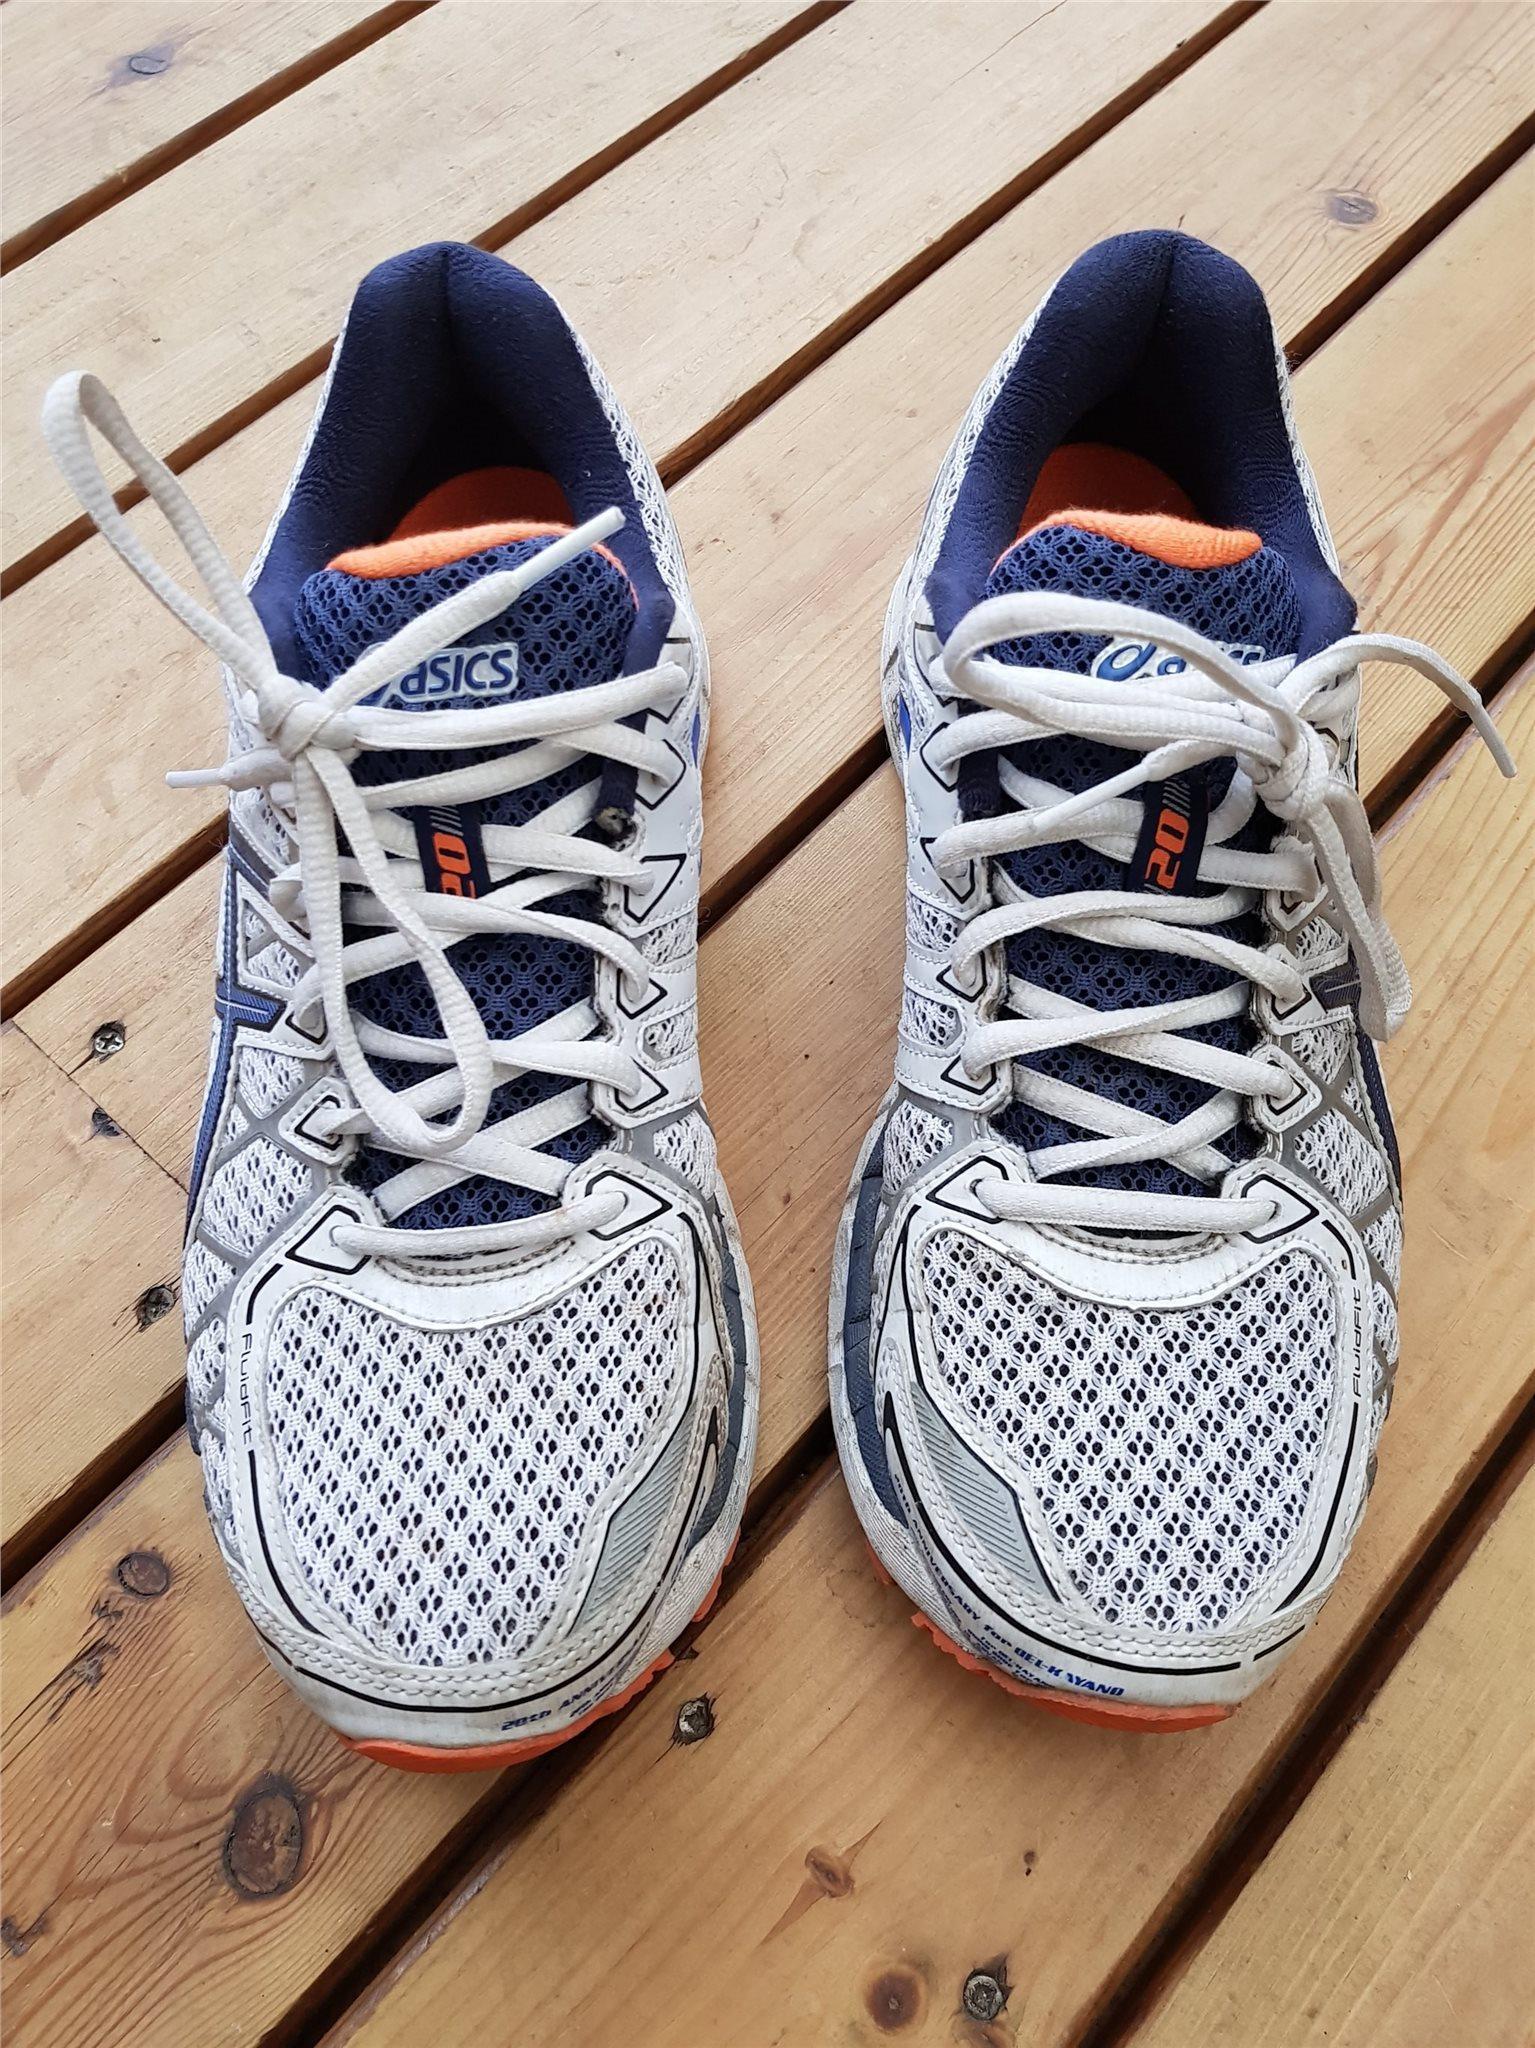 info for c8f79 9d329 ... promo code asics gel kayano 20 löparsko träningssko sko skor träning  träningskläder stabil 79ab3 2e54a